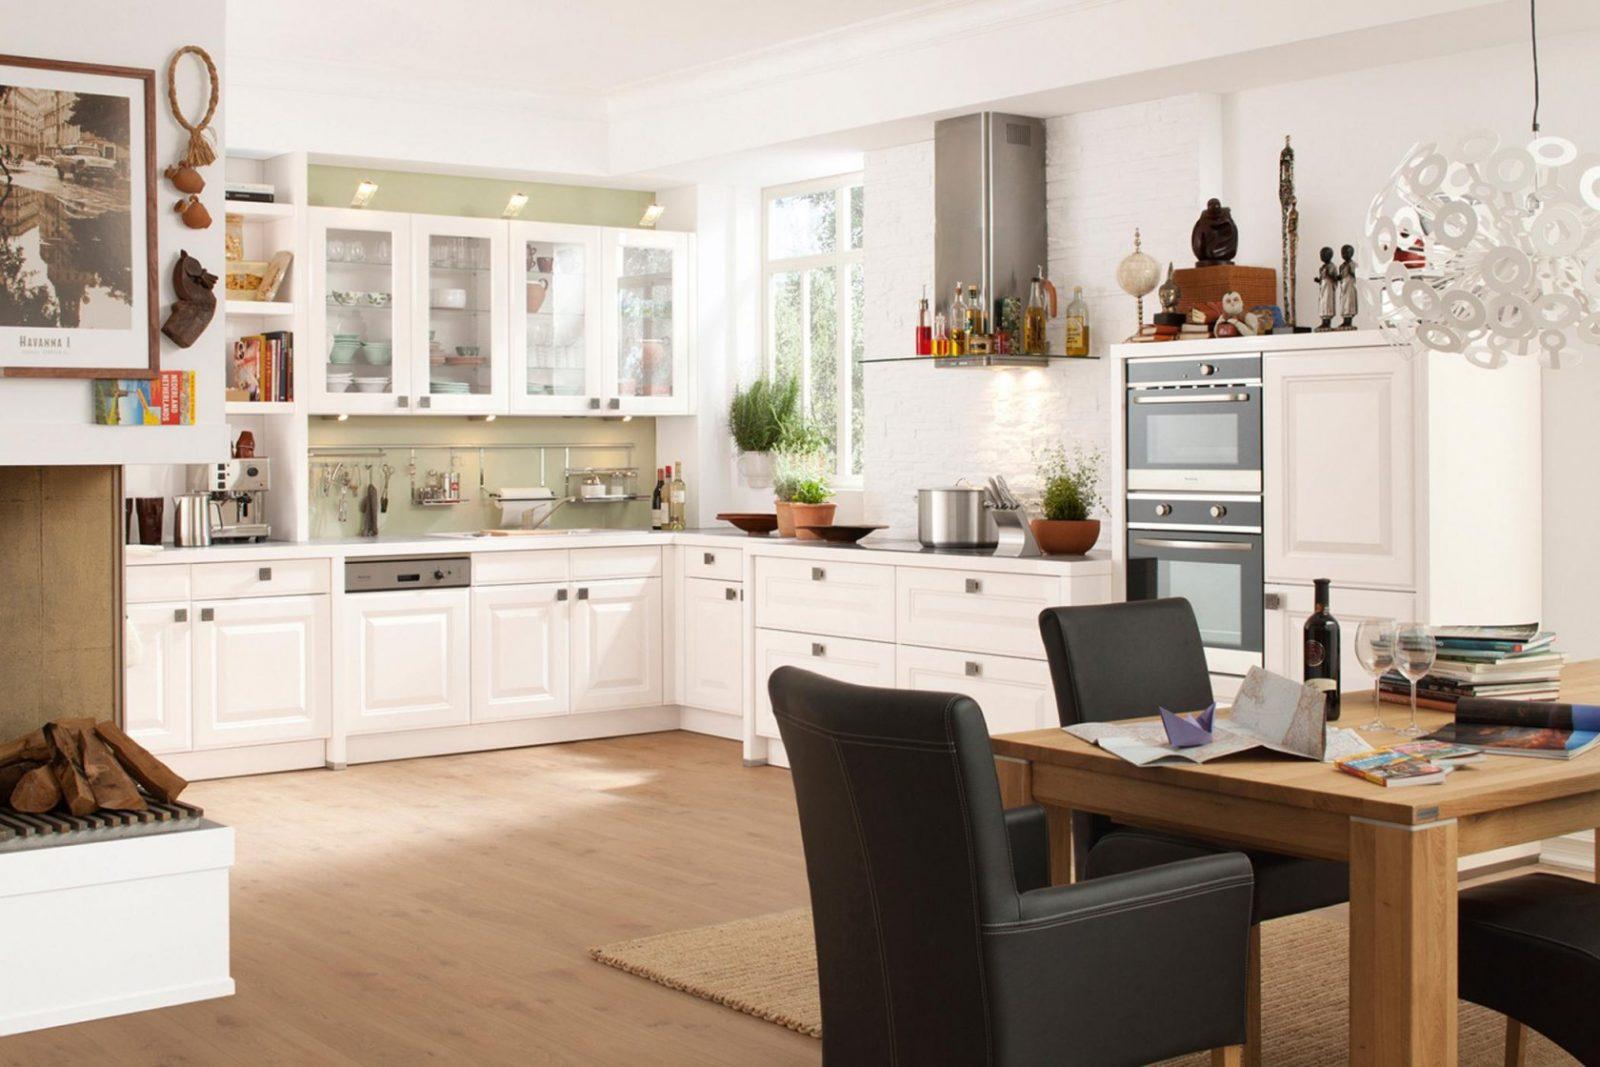 Küchen Im Landhausstil Inspiration Bei Couch von Küche Im Landhausstil Gestalten Bild